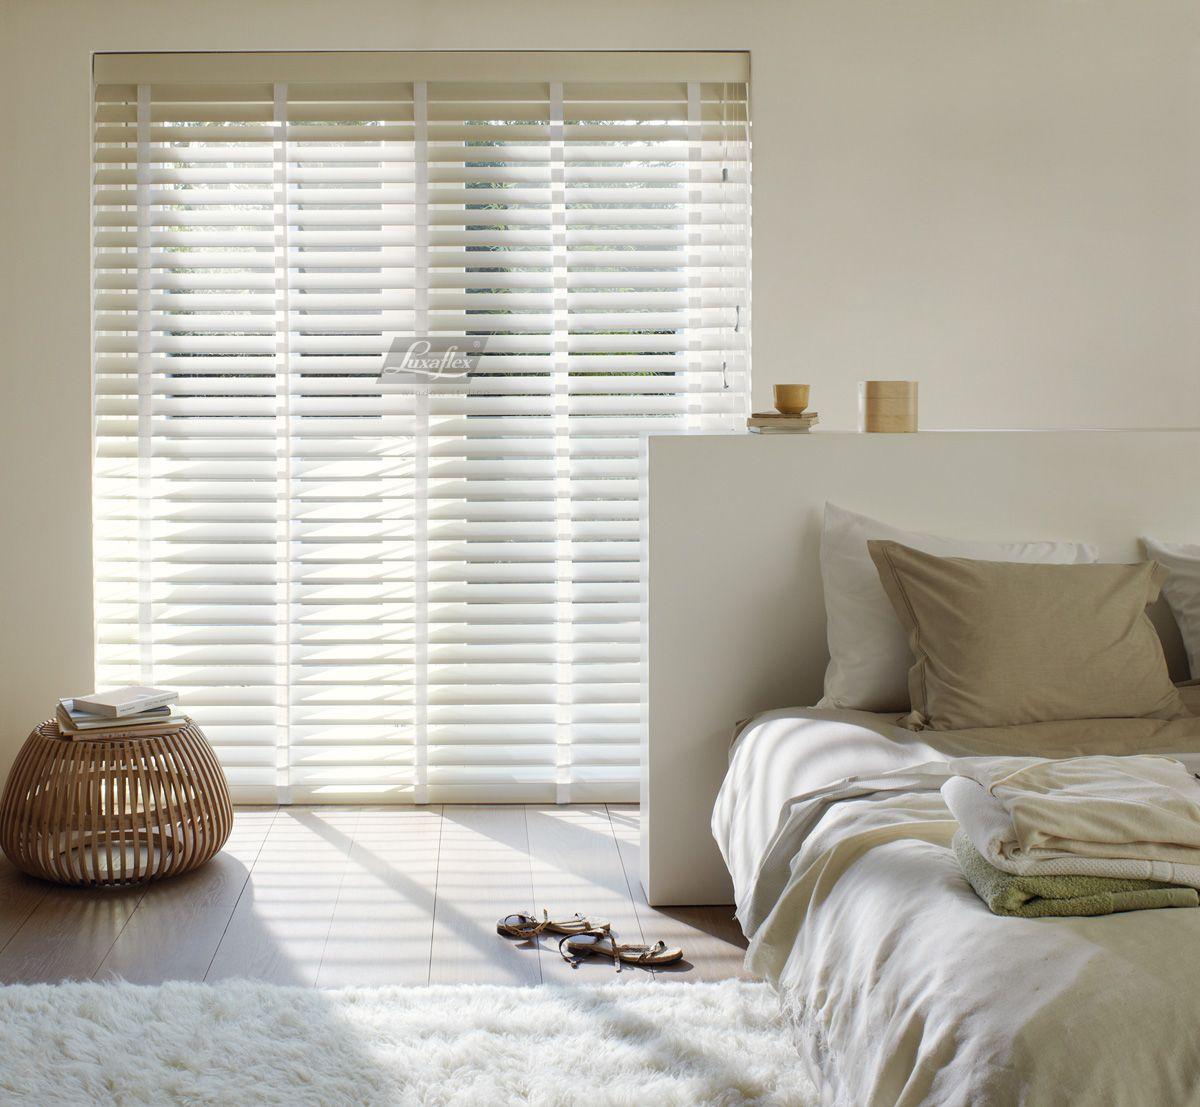 slaapkamer horizontale jaloezien zijn uiterst geschikt voor kamerverduistering decoratief ladderband maakt verduistering nog beter